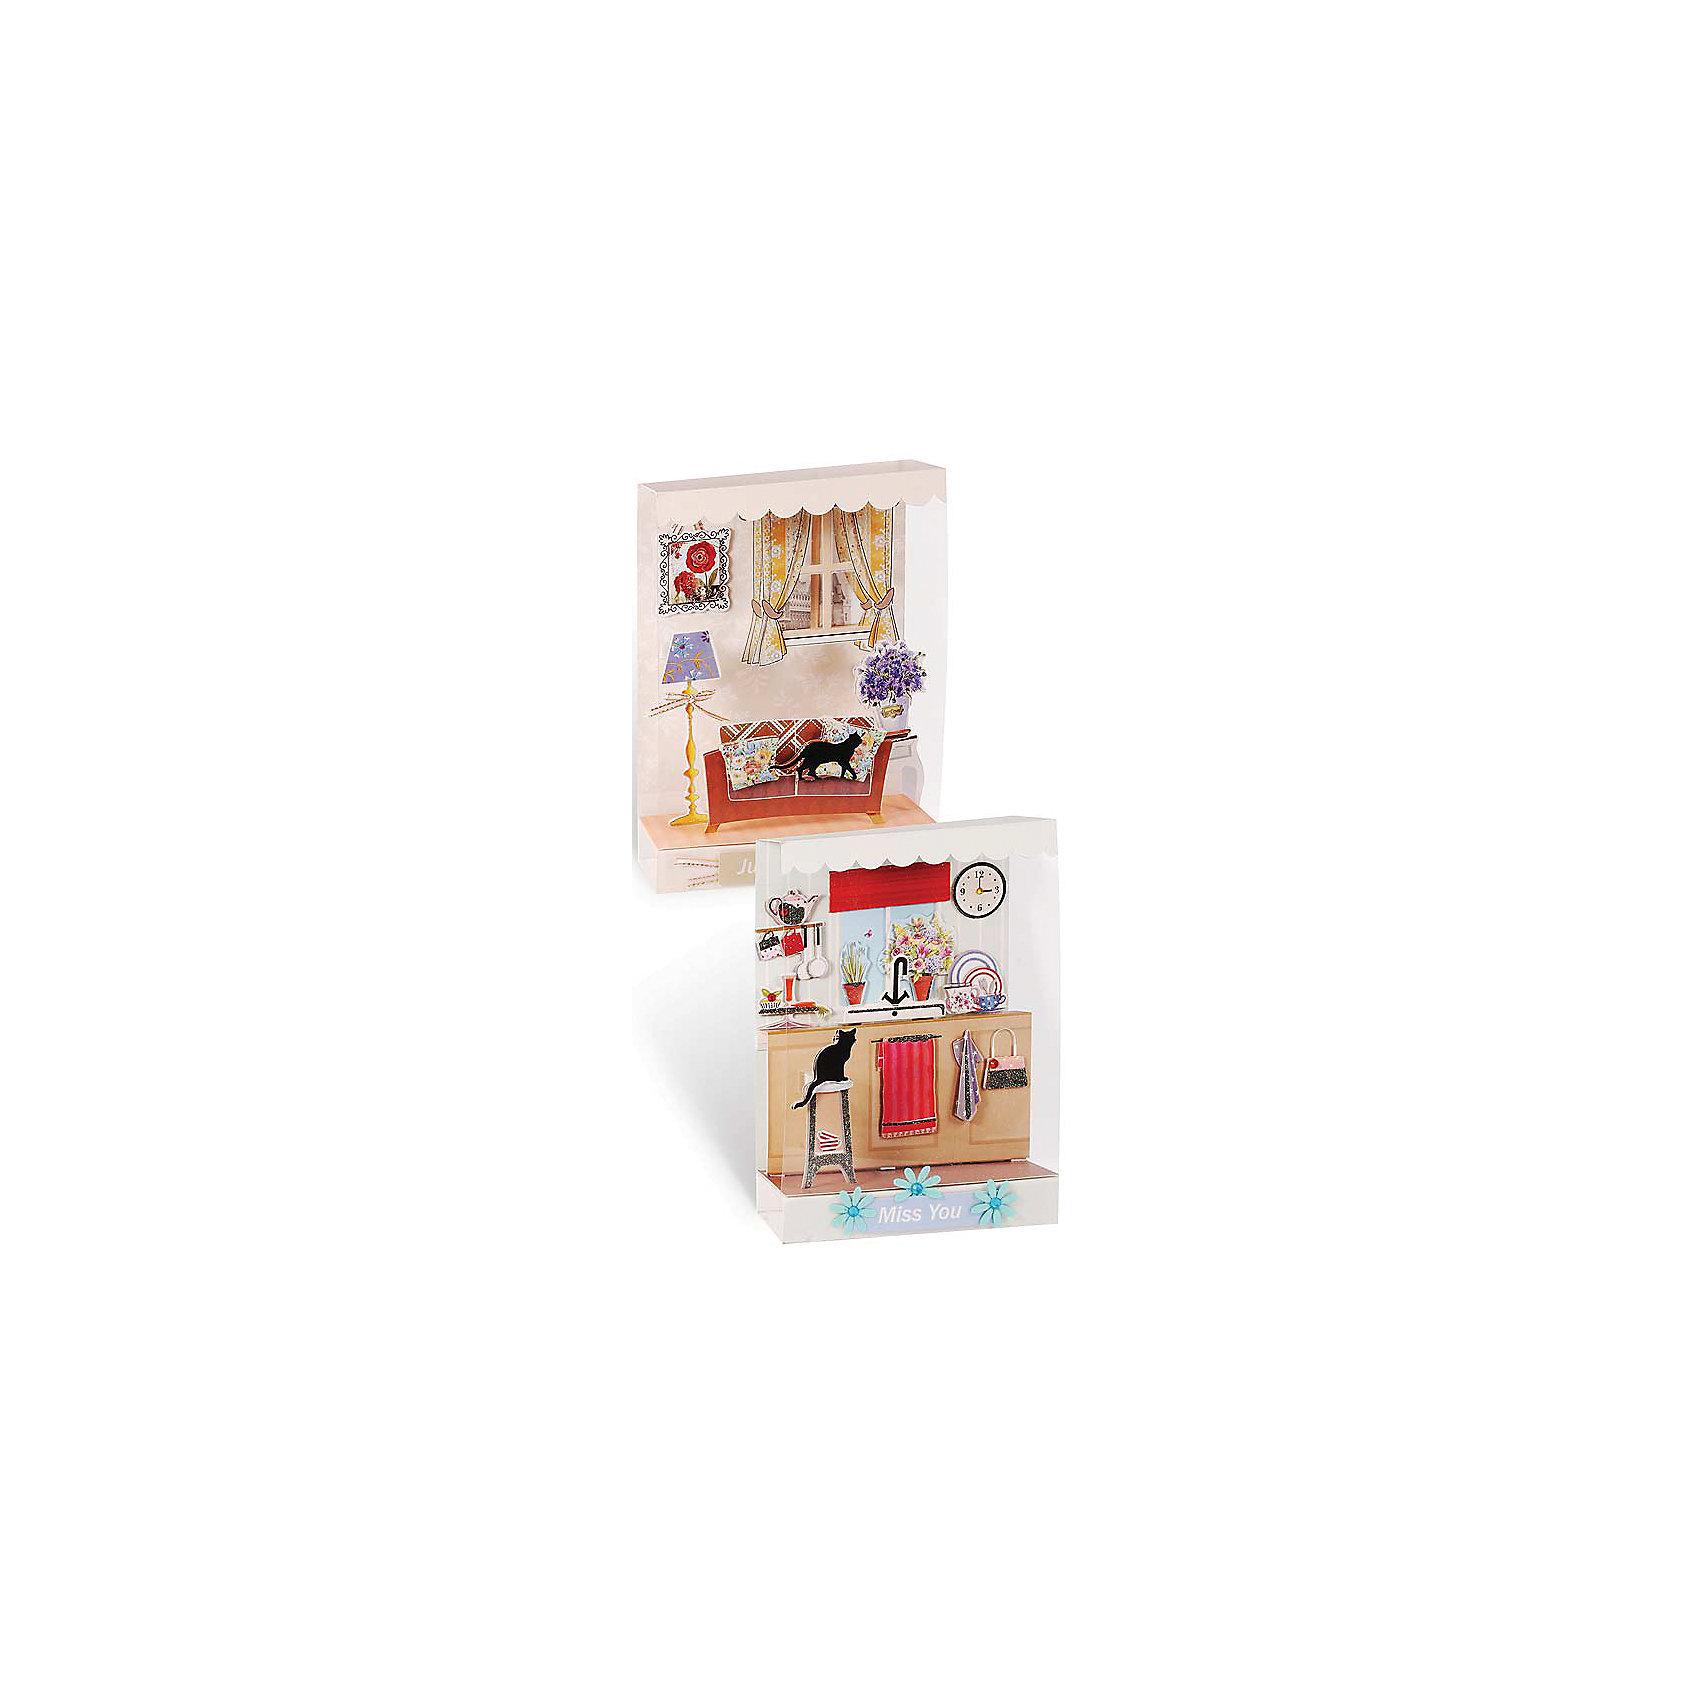 Скрапбукинг-набор для создания миниатюрРукоделие<br>Скрапбукинг-набор для создания миниатюр, Белоснежка.<br><br>Характеристики:<br><br>• вы можете создать объемную миниатюру<br>• в комплекте: 2 витрины, 2 заготовки для миниатюры, пластиковые полоски, клейкие подушечки, ленты, вырубка из бумаги, стразы, пайетки, полубусины<br>• размер: 15х2х40 см<br><br>С помощью набора от компании Белоснежка вы сможете создать объемную миниатюру, которая станет украшением любого дома. Комнаты с объемной мебелью, цветами и очаровательным котиком легко создаст даже ребенок. В набор входят карточки с пожеланиями, прикрепив которые, можно преподнести миниатюру в качестве подарка.<br><br>Вы можете купить скрапбукинг-набор для создания миниатюр, Белоснежка в нашем интернет-магазине.<br><br>Ширина мм: 270<br>Глубина мм: 150<br>Высота мм: 60<br>Вес г: 280<br>Возраст от месяцев: 72<br>Возраст до месяцев: 144<br>Пол: Женский<br>Возраст: Детский<br>SKU: 5089627